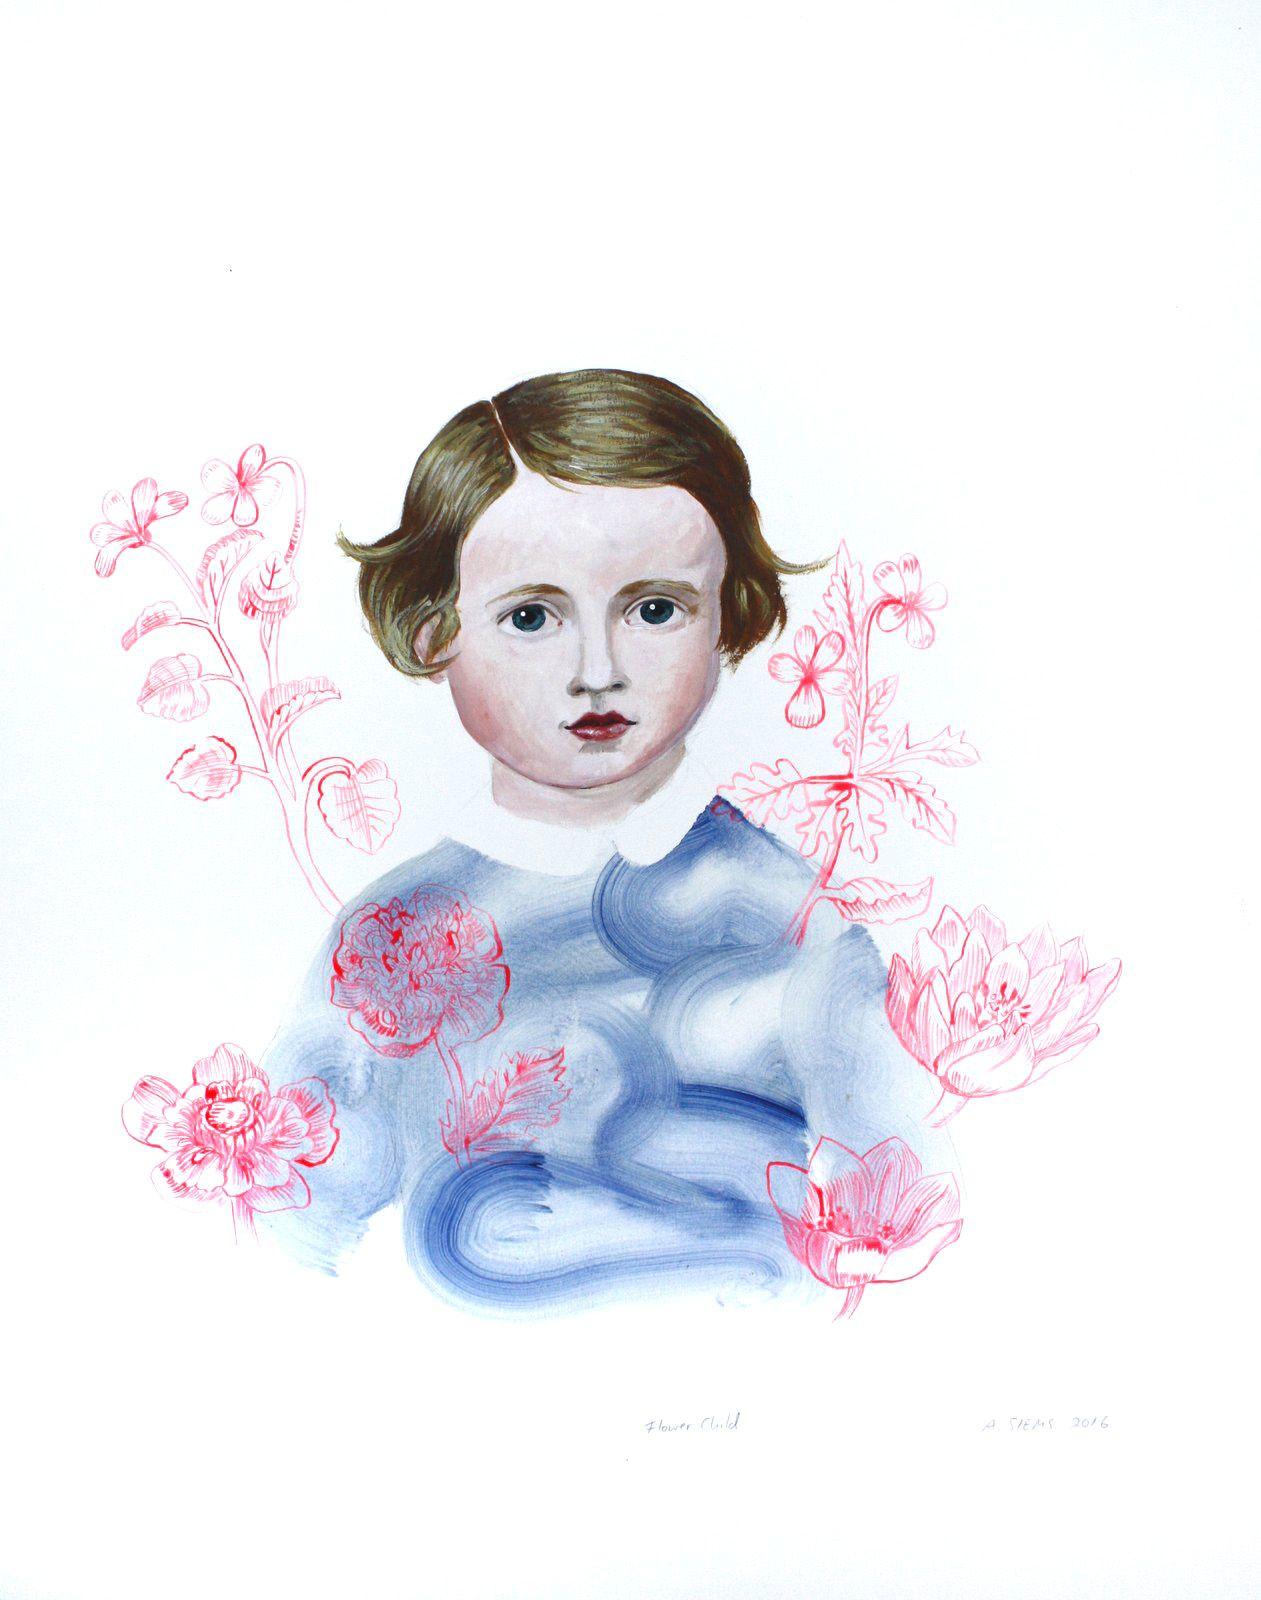 Siems - Flower Child